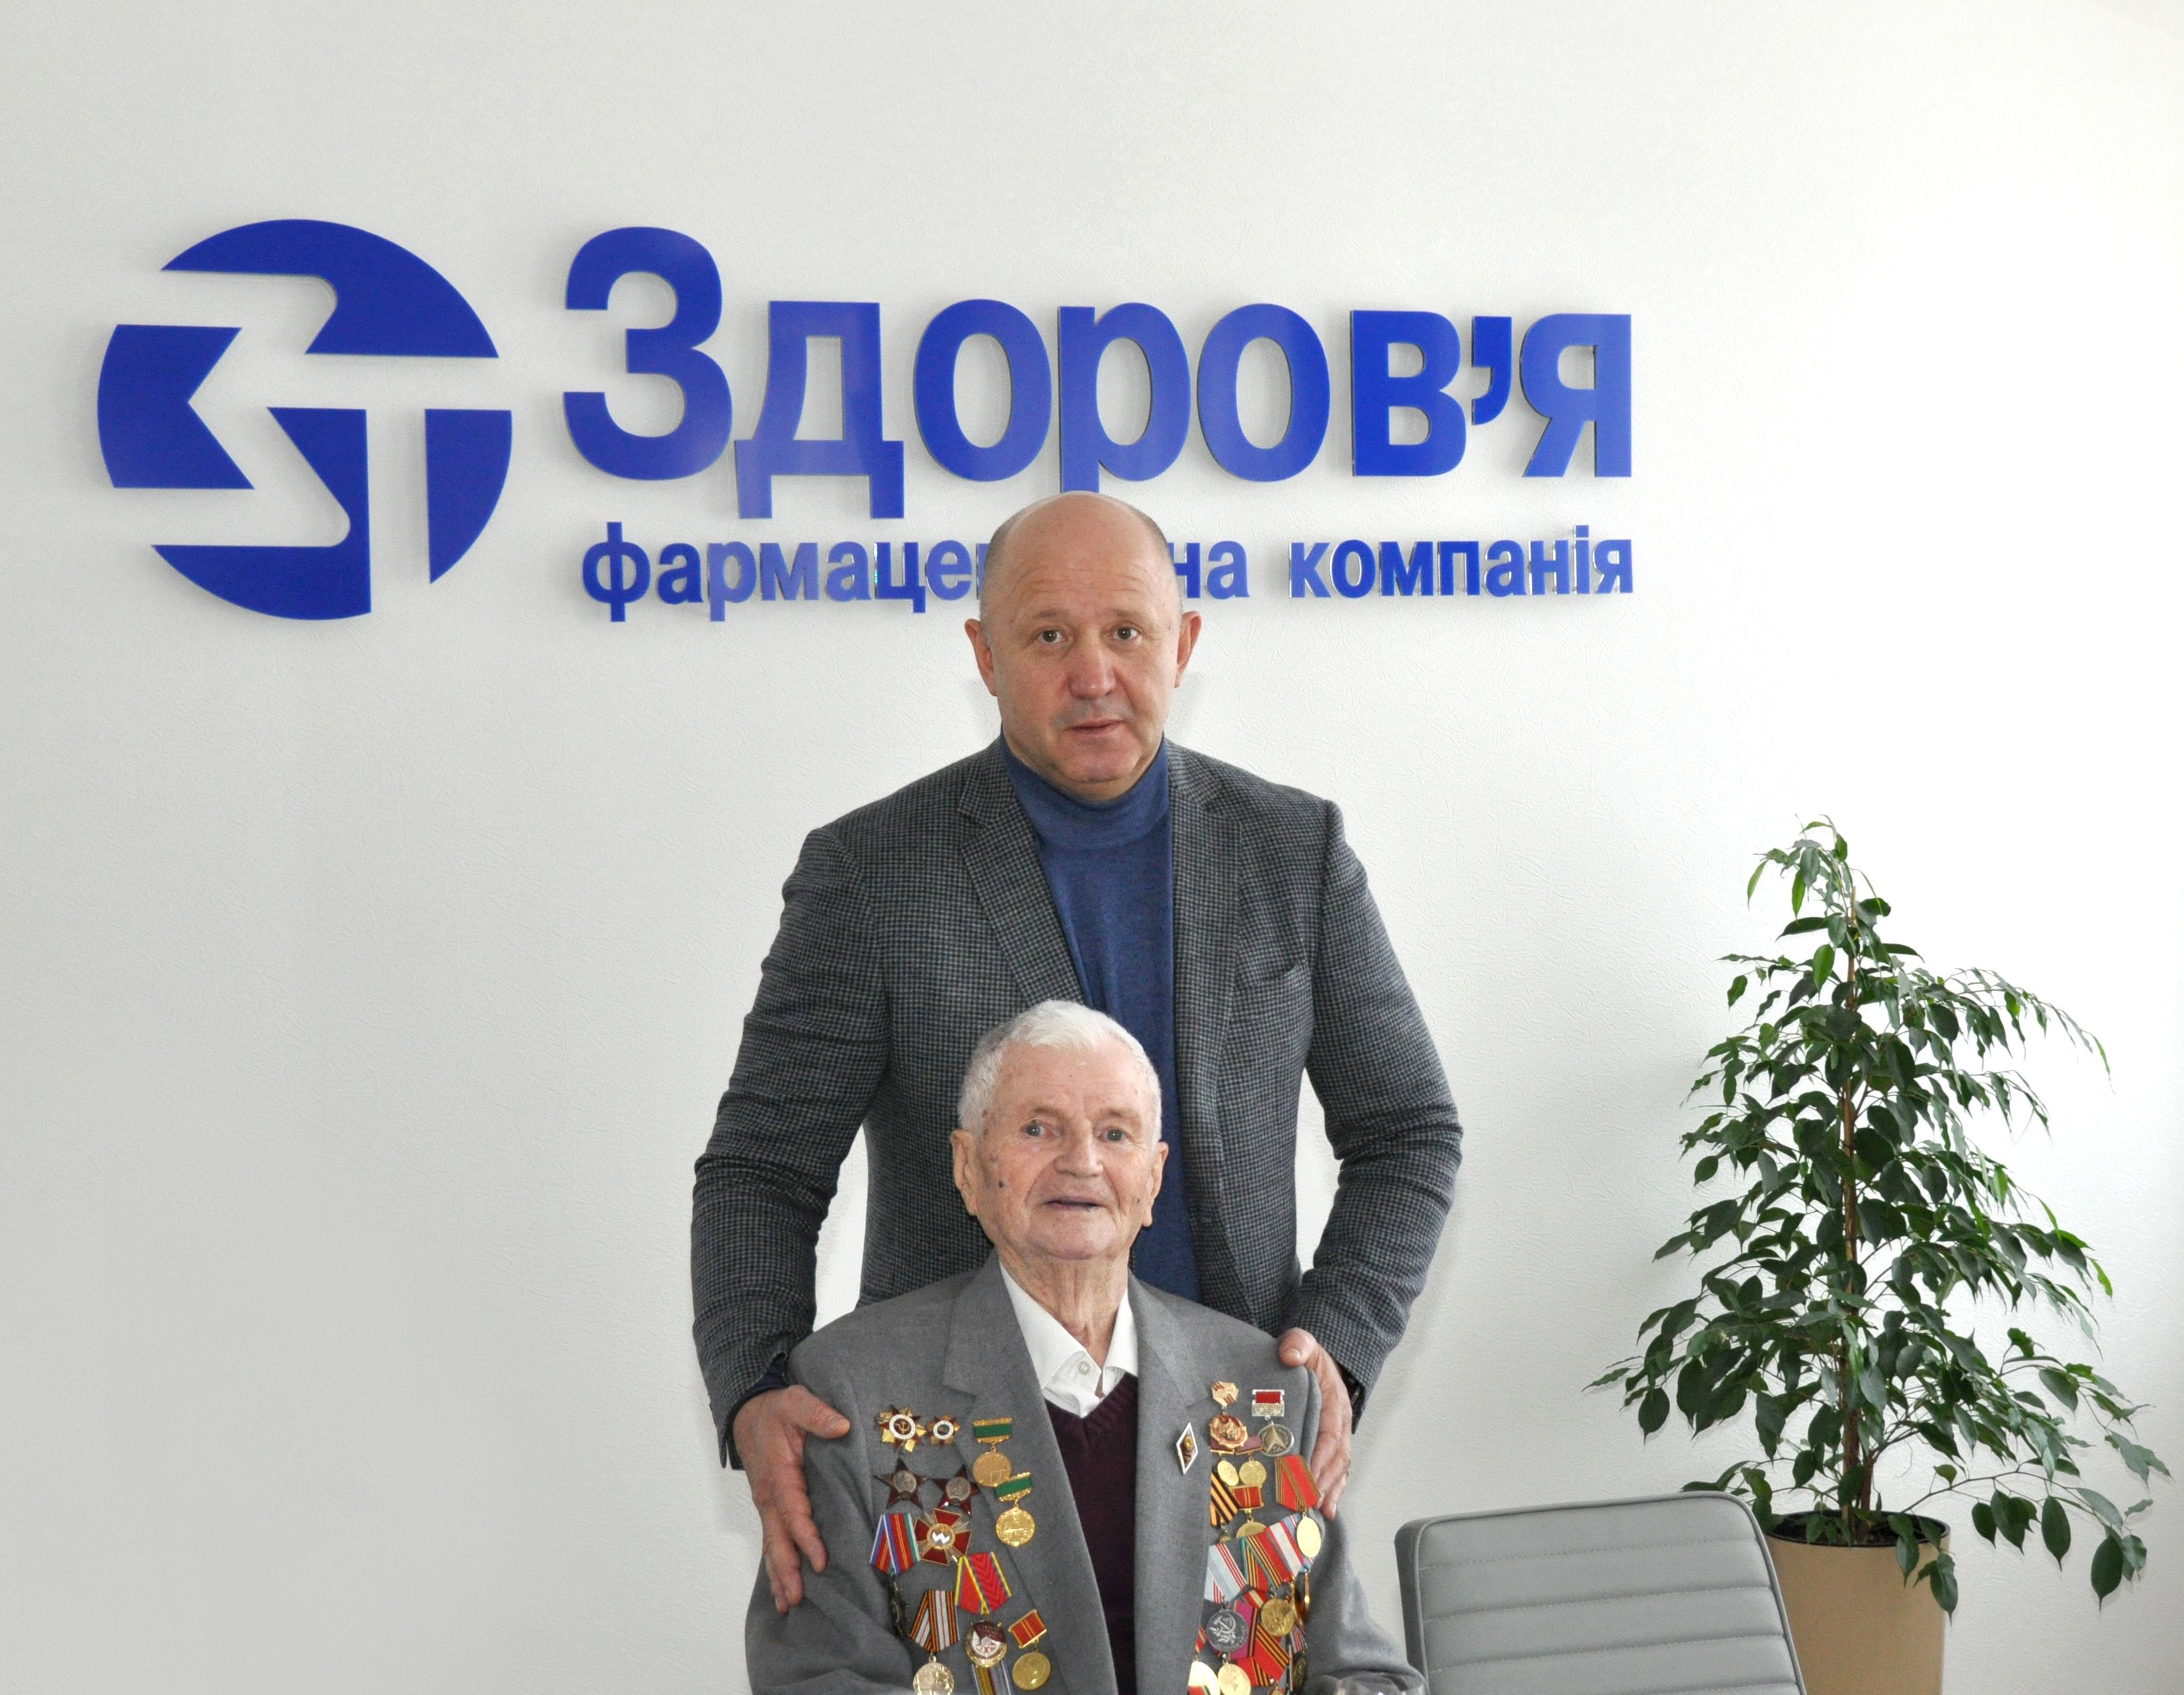 """компанія """"Здоров'я"""" 9 травня_02"""